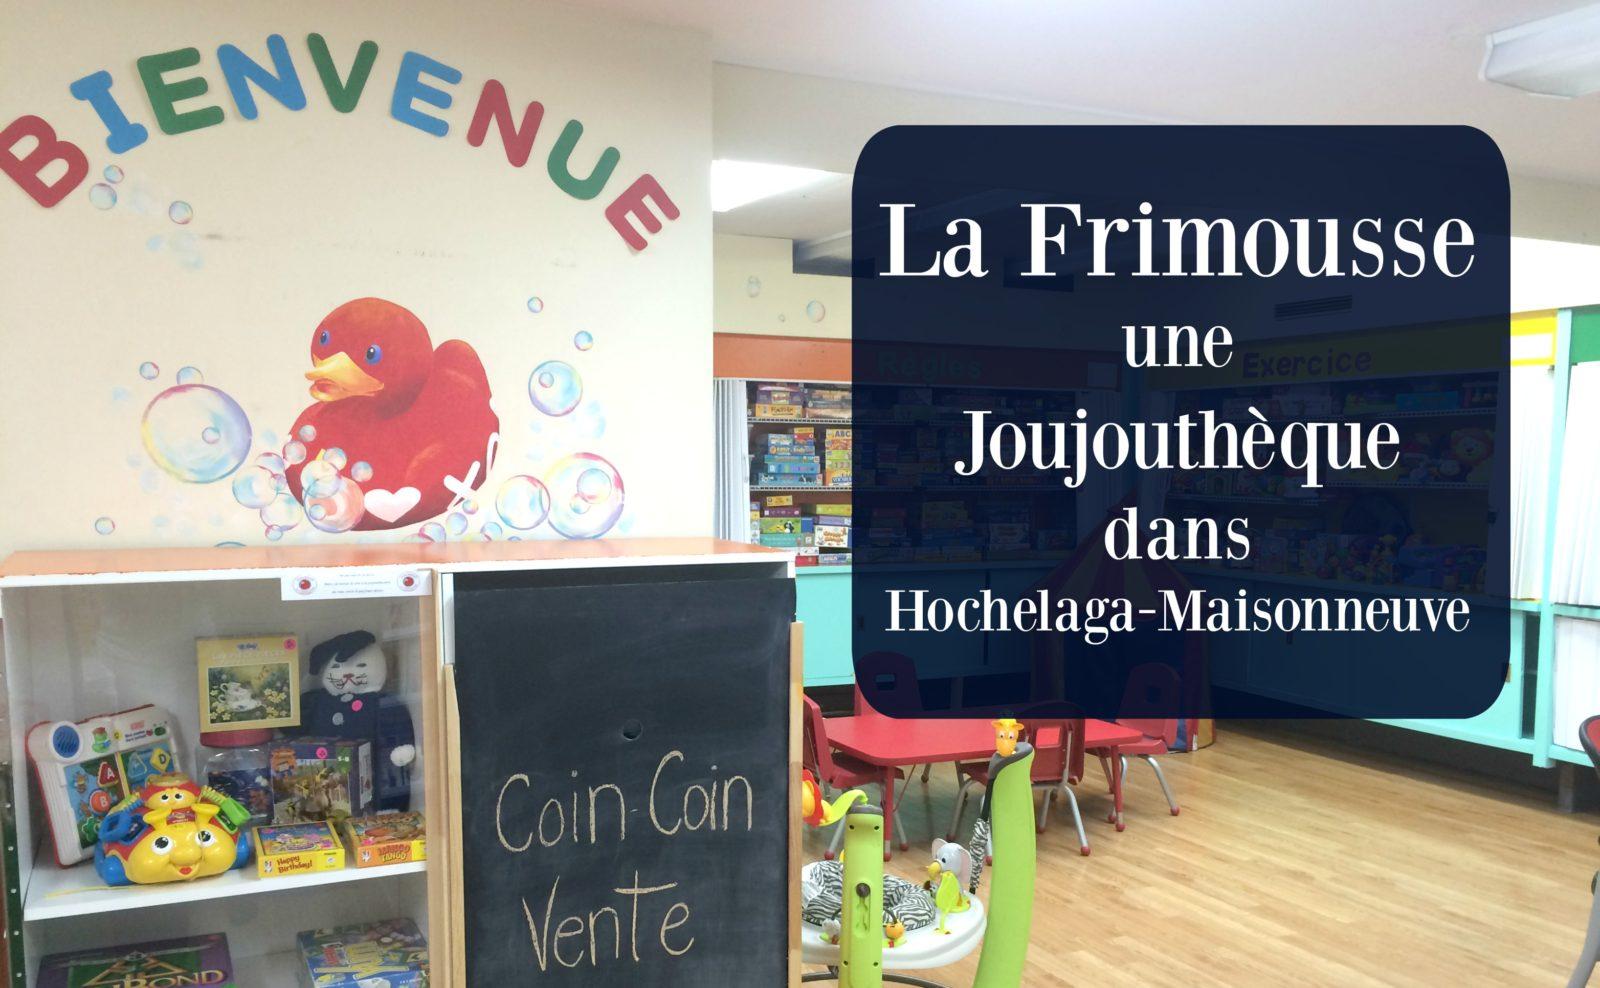 La Frimousse, Joujouthèque d'Hochelaga-Maisonneuve